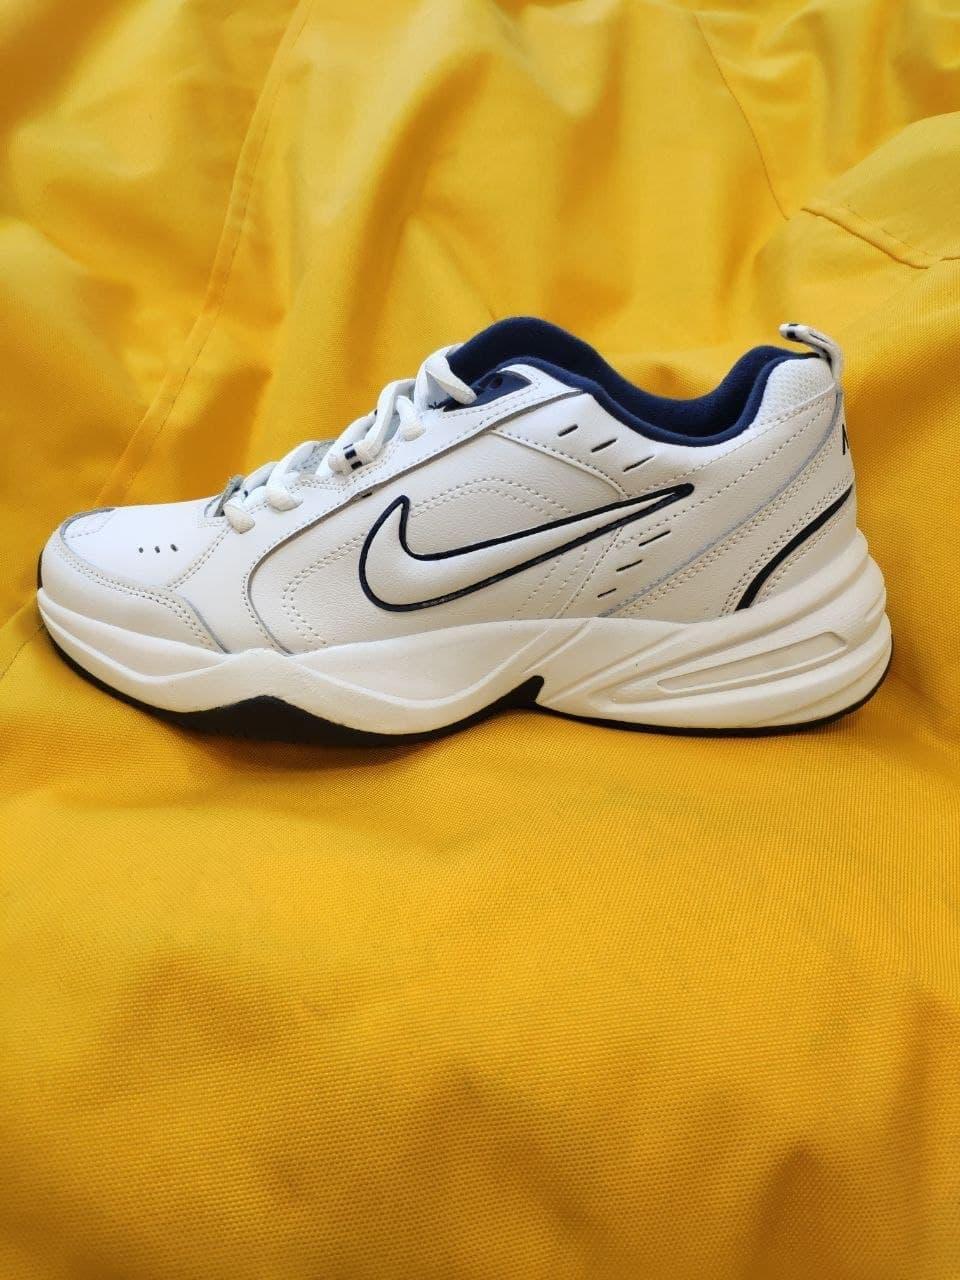 Мужские кроссовки Nike Air Monarch IV (белые) D81 спортивная легкая обувь для парней